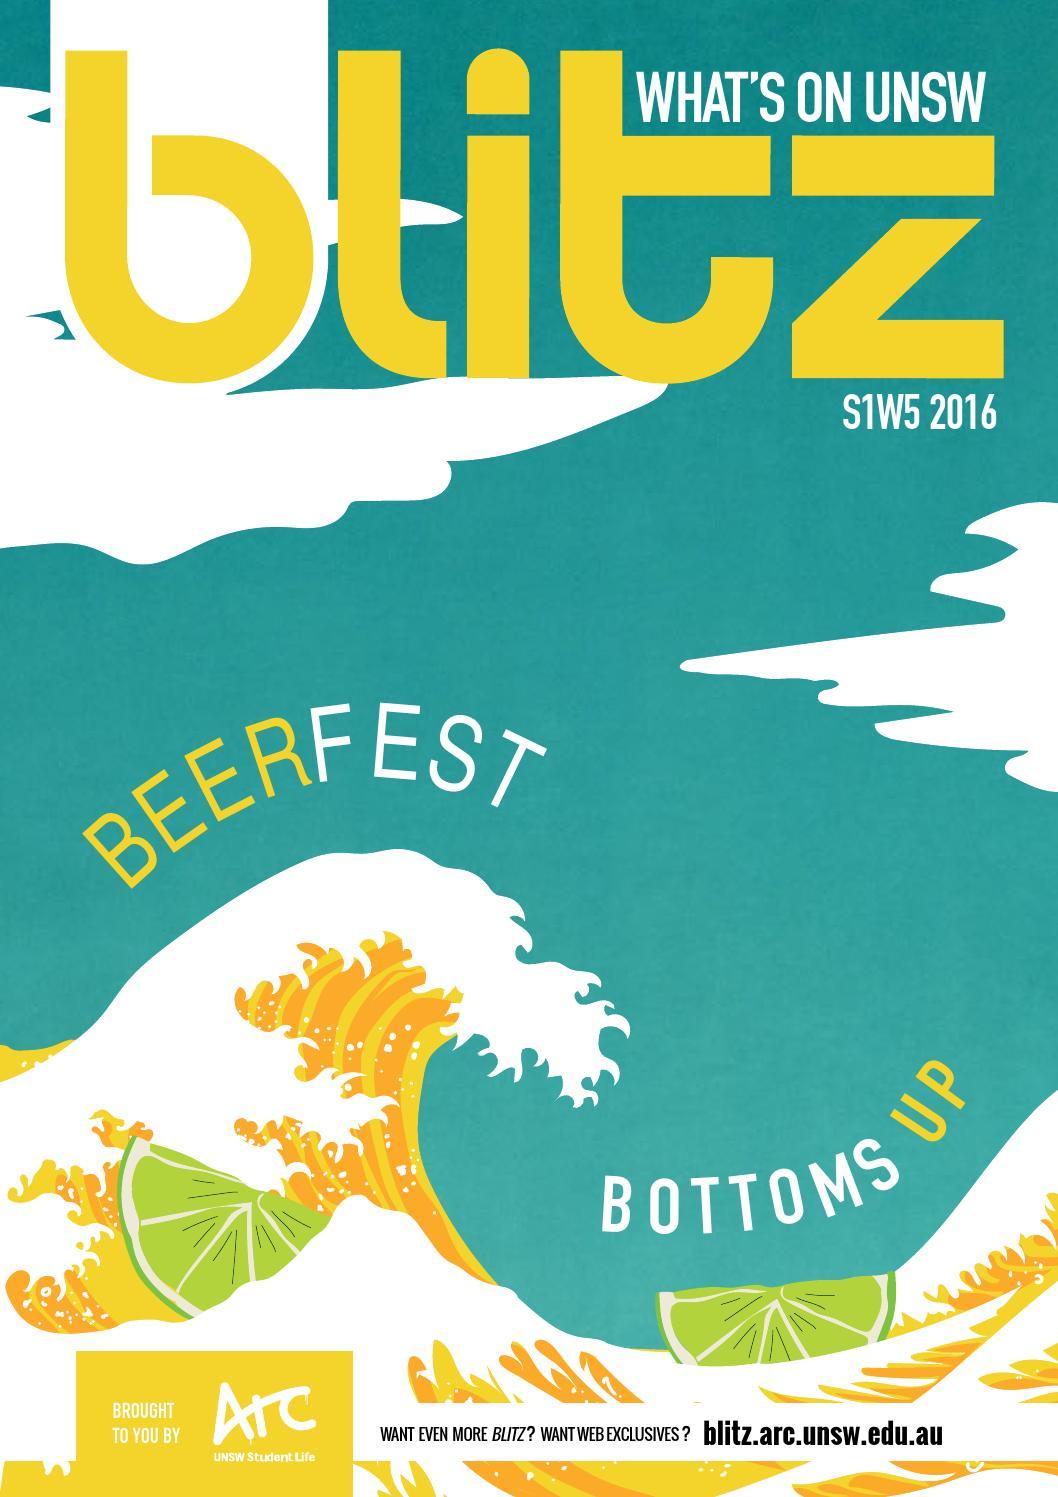 unsw blitz magazine 2016 issue 3 s1w5 by arc unsw issuu